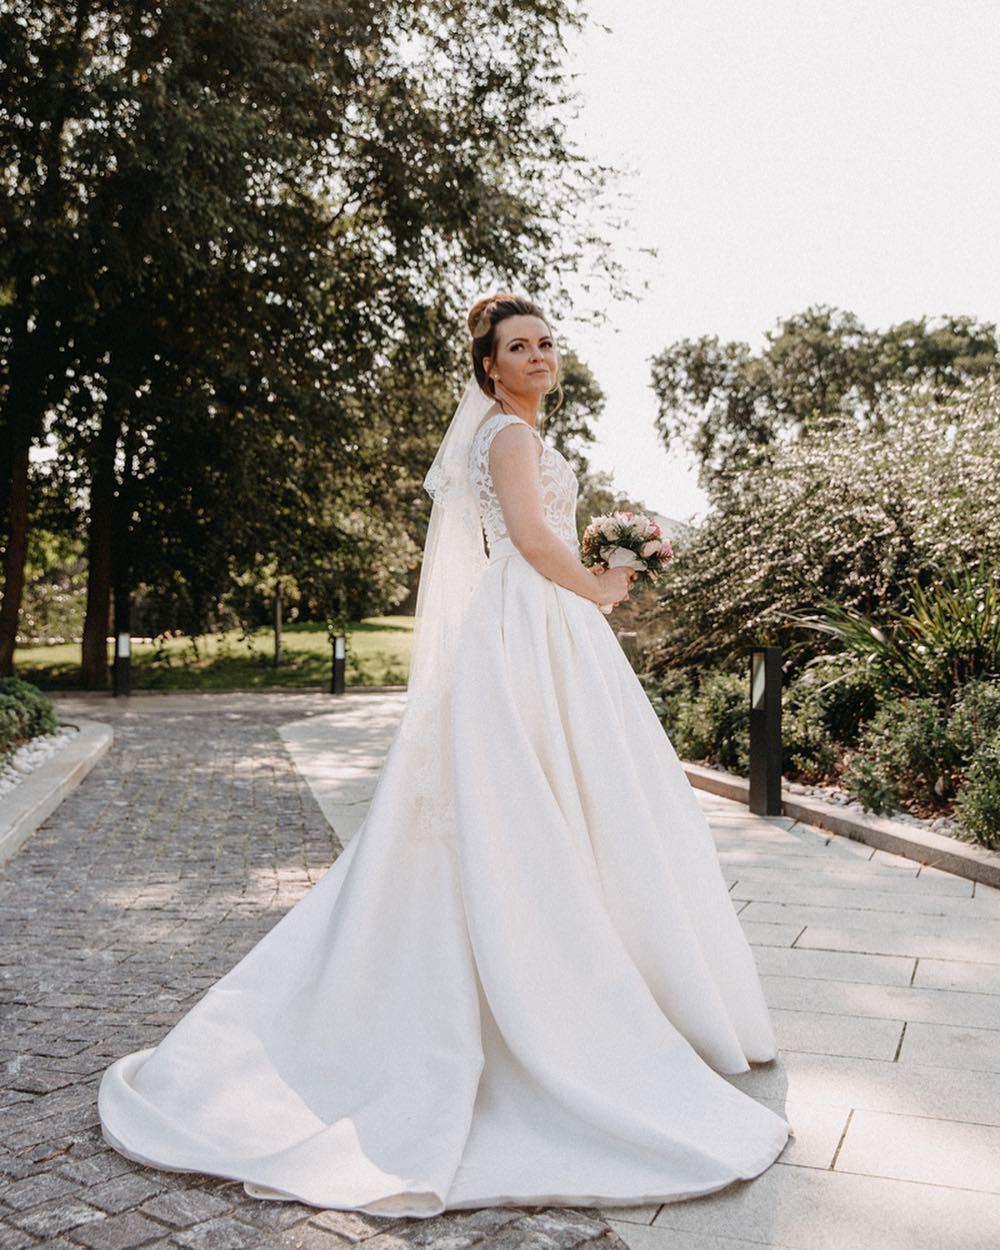 Побег со свадьбы